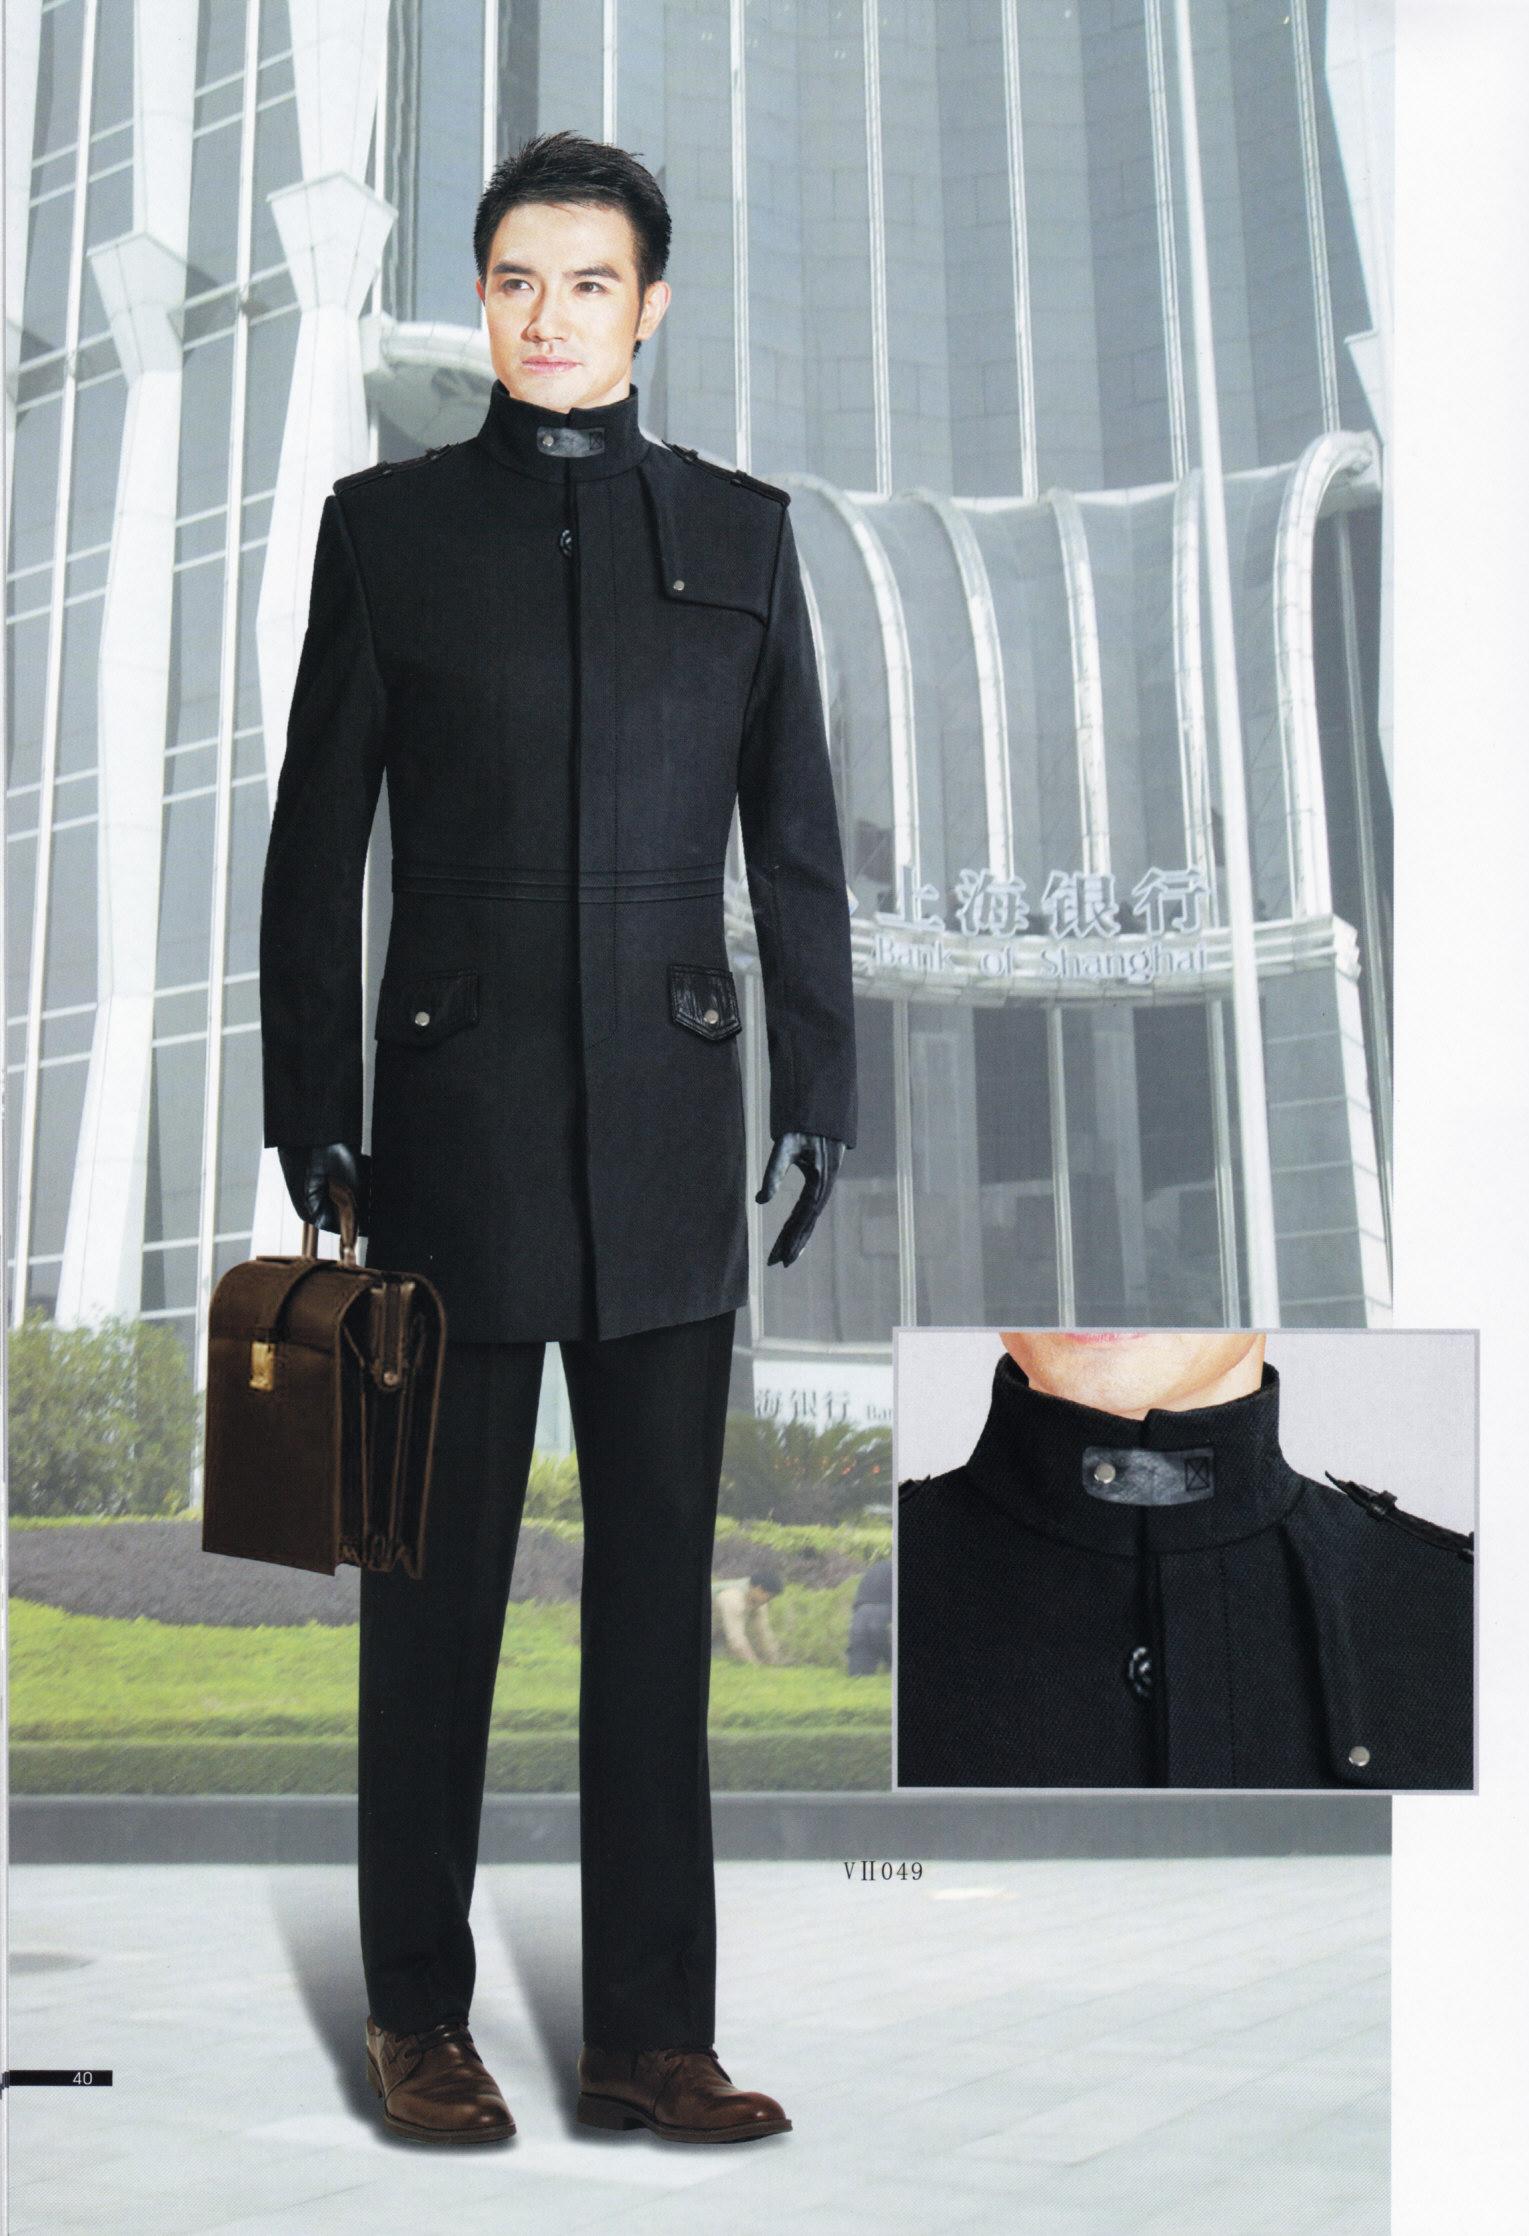 职业装量身定做,团体订购,北京阳光丽人服装公司